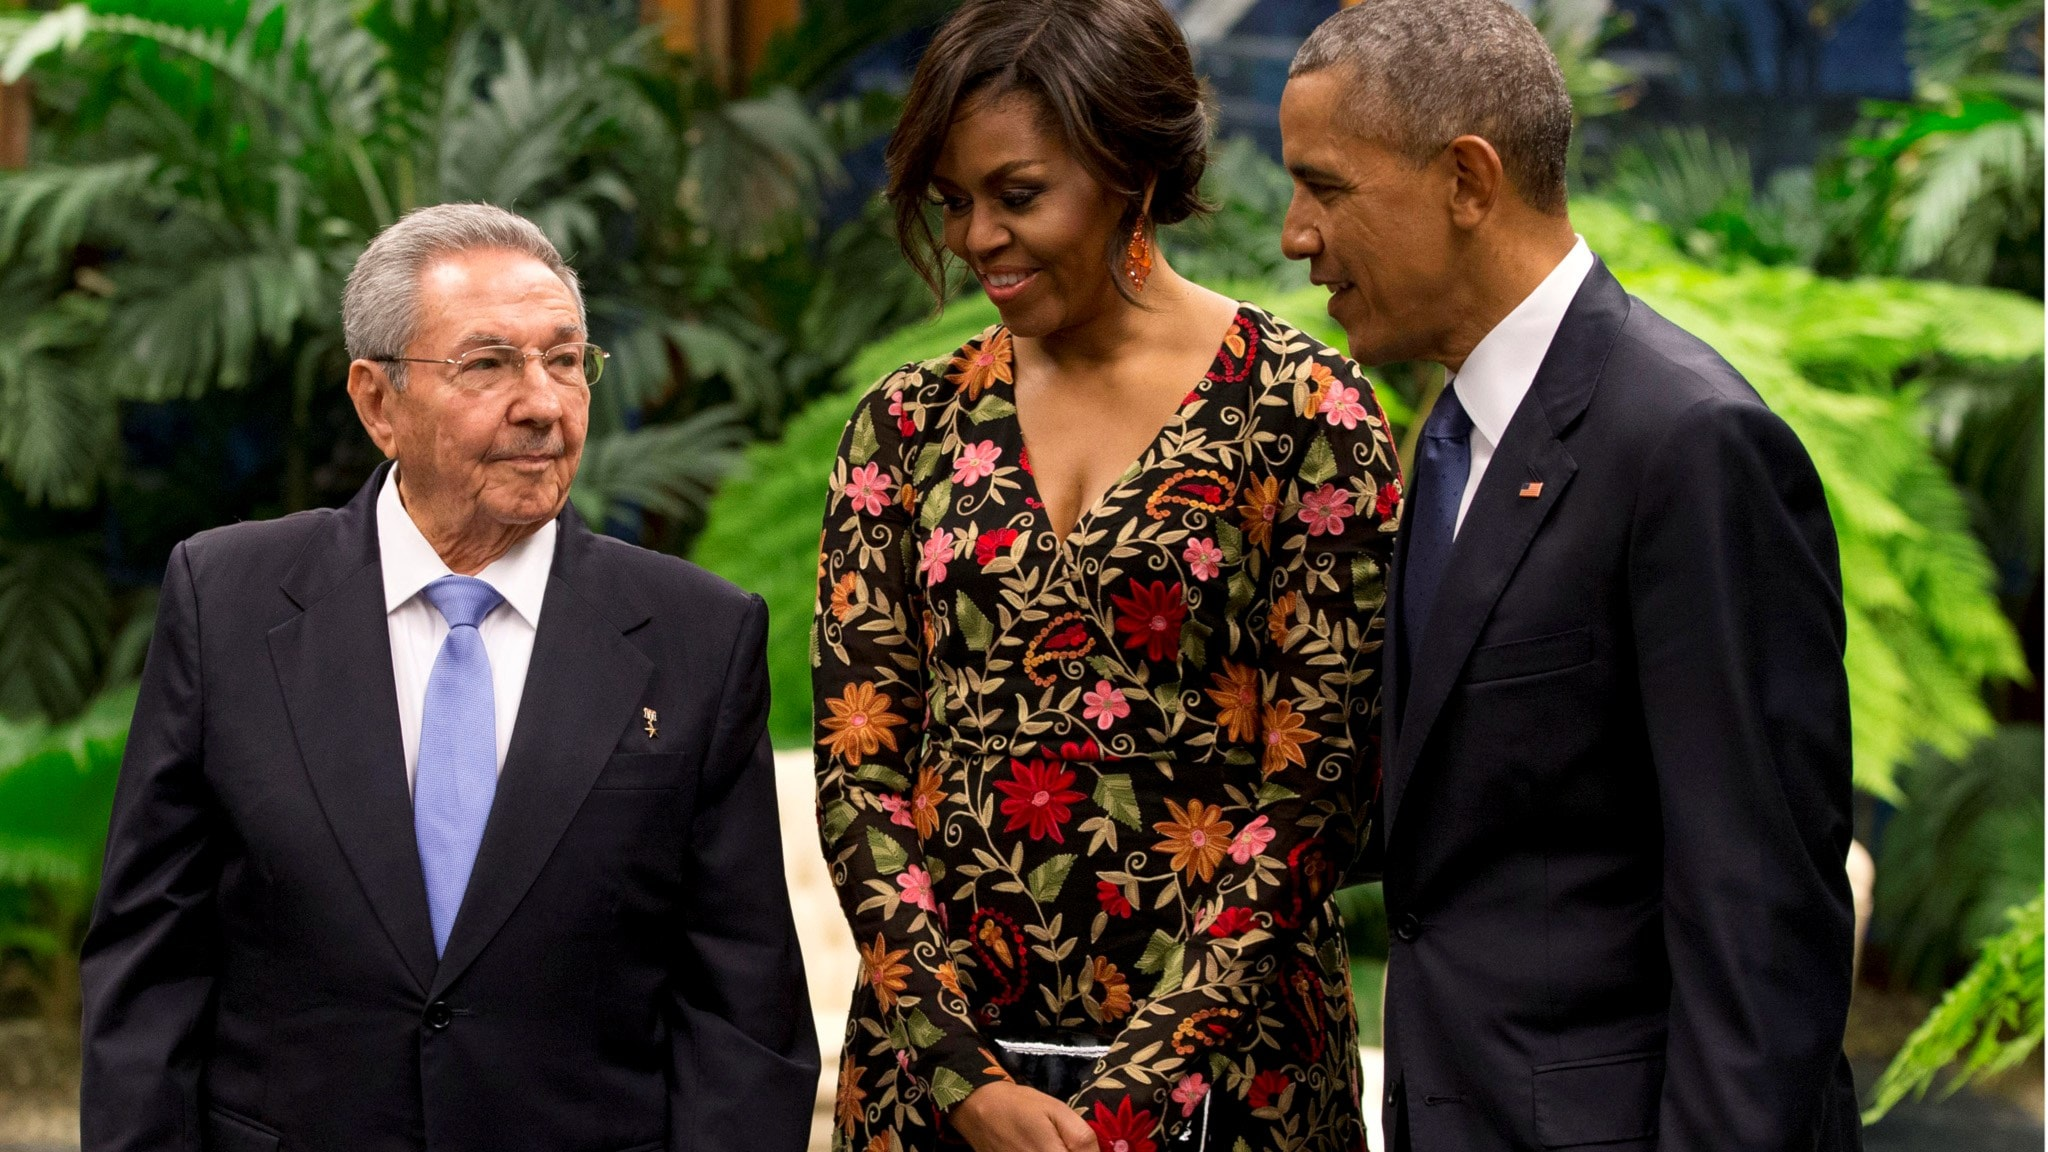 ansluta sig till Kuba spion kille dejtingsajt